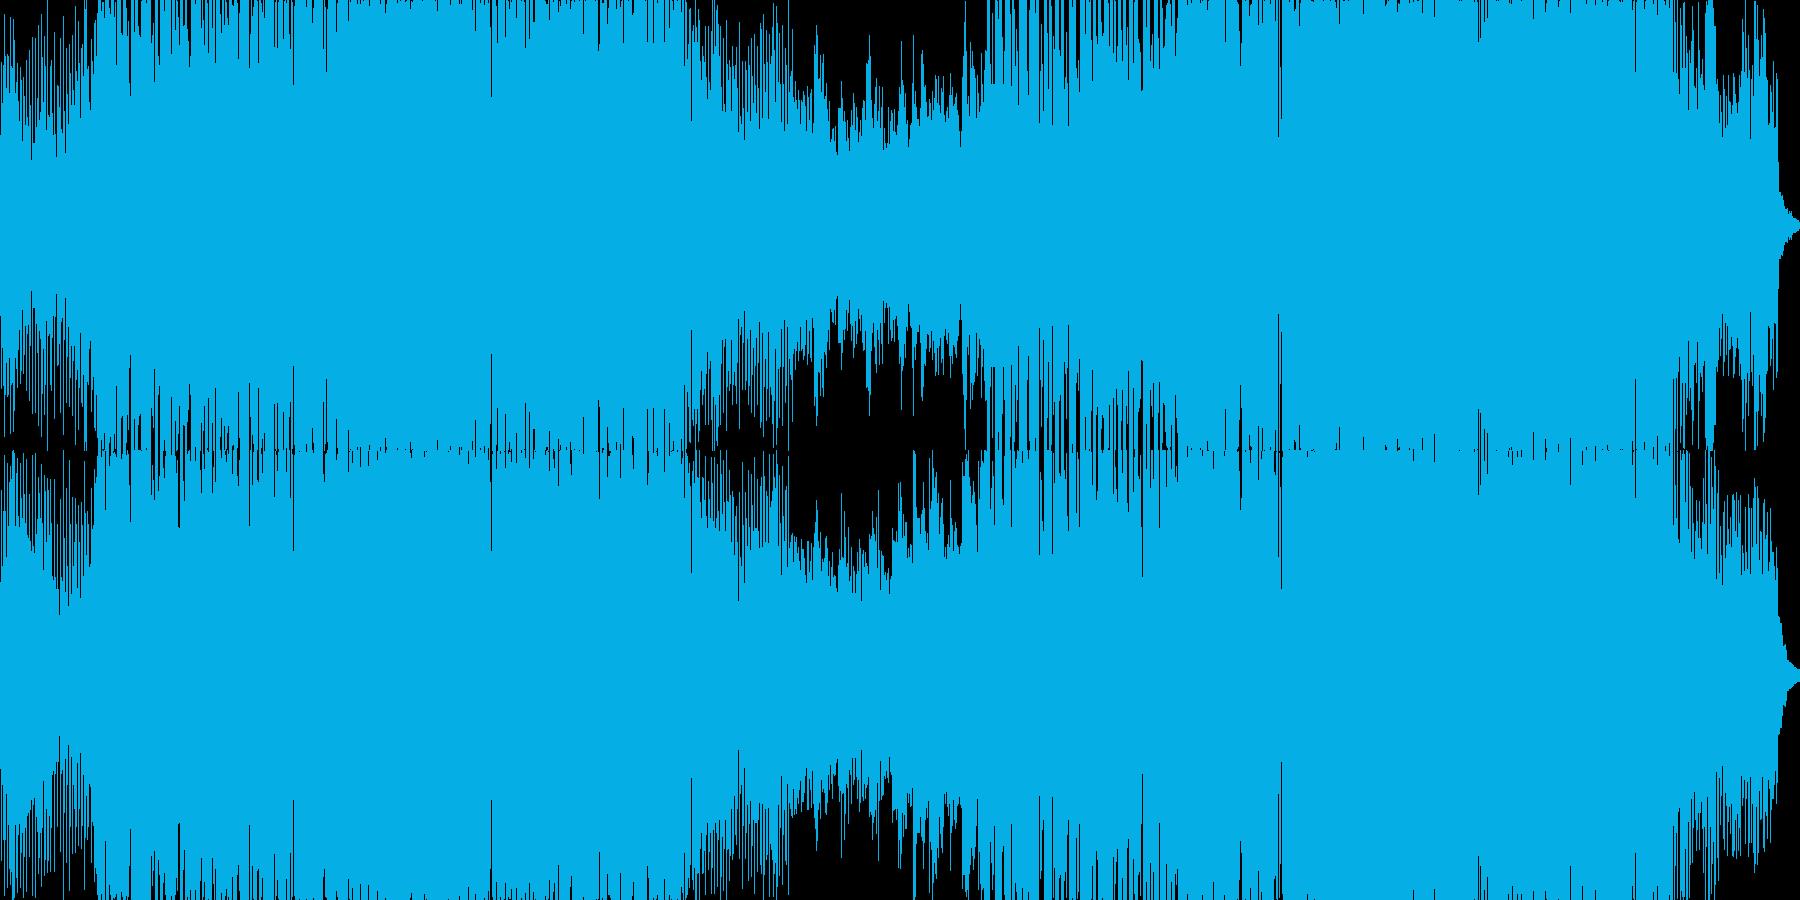 エモーショナルで軽快なエレクトロニックの再生済みの波形